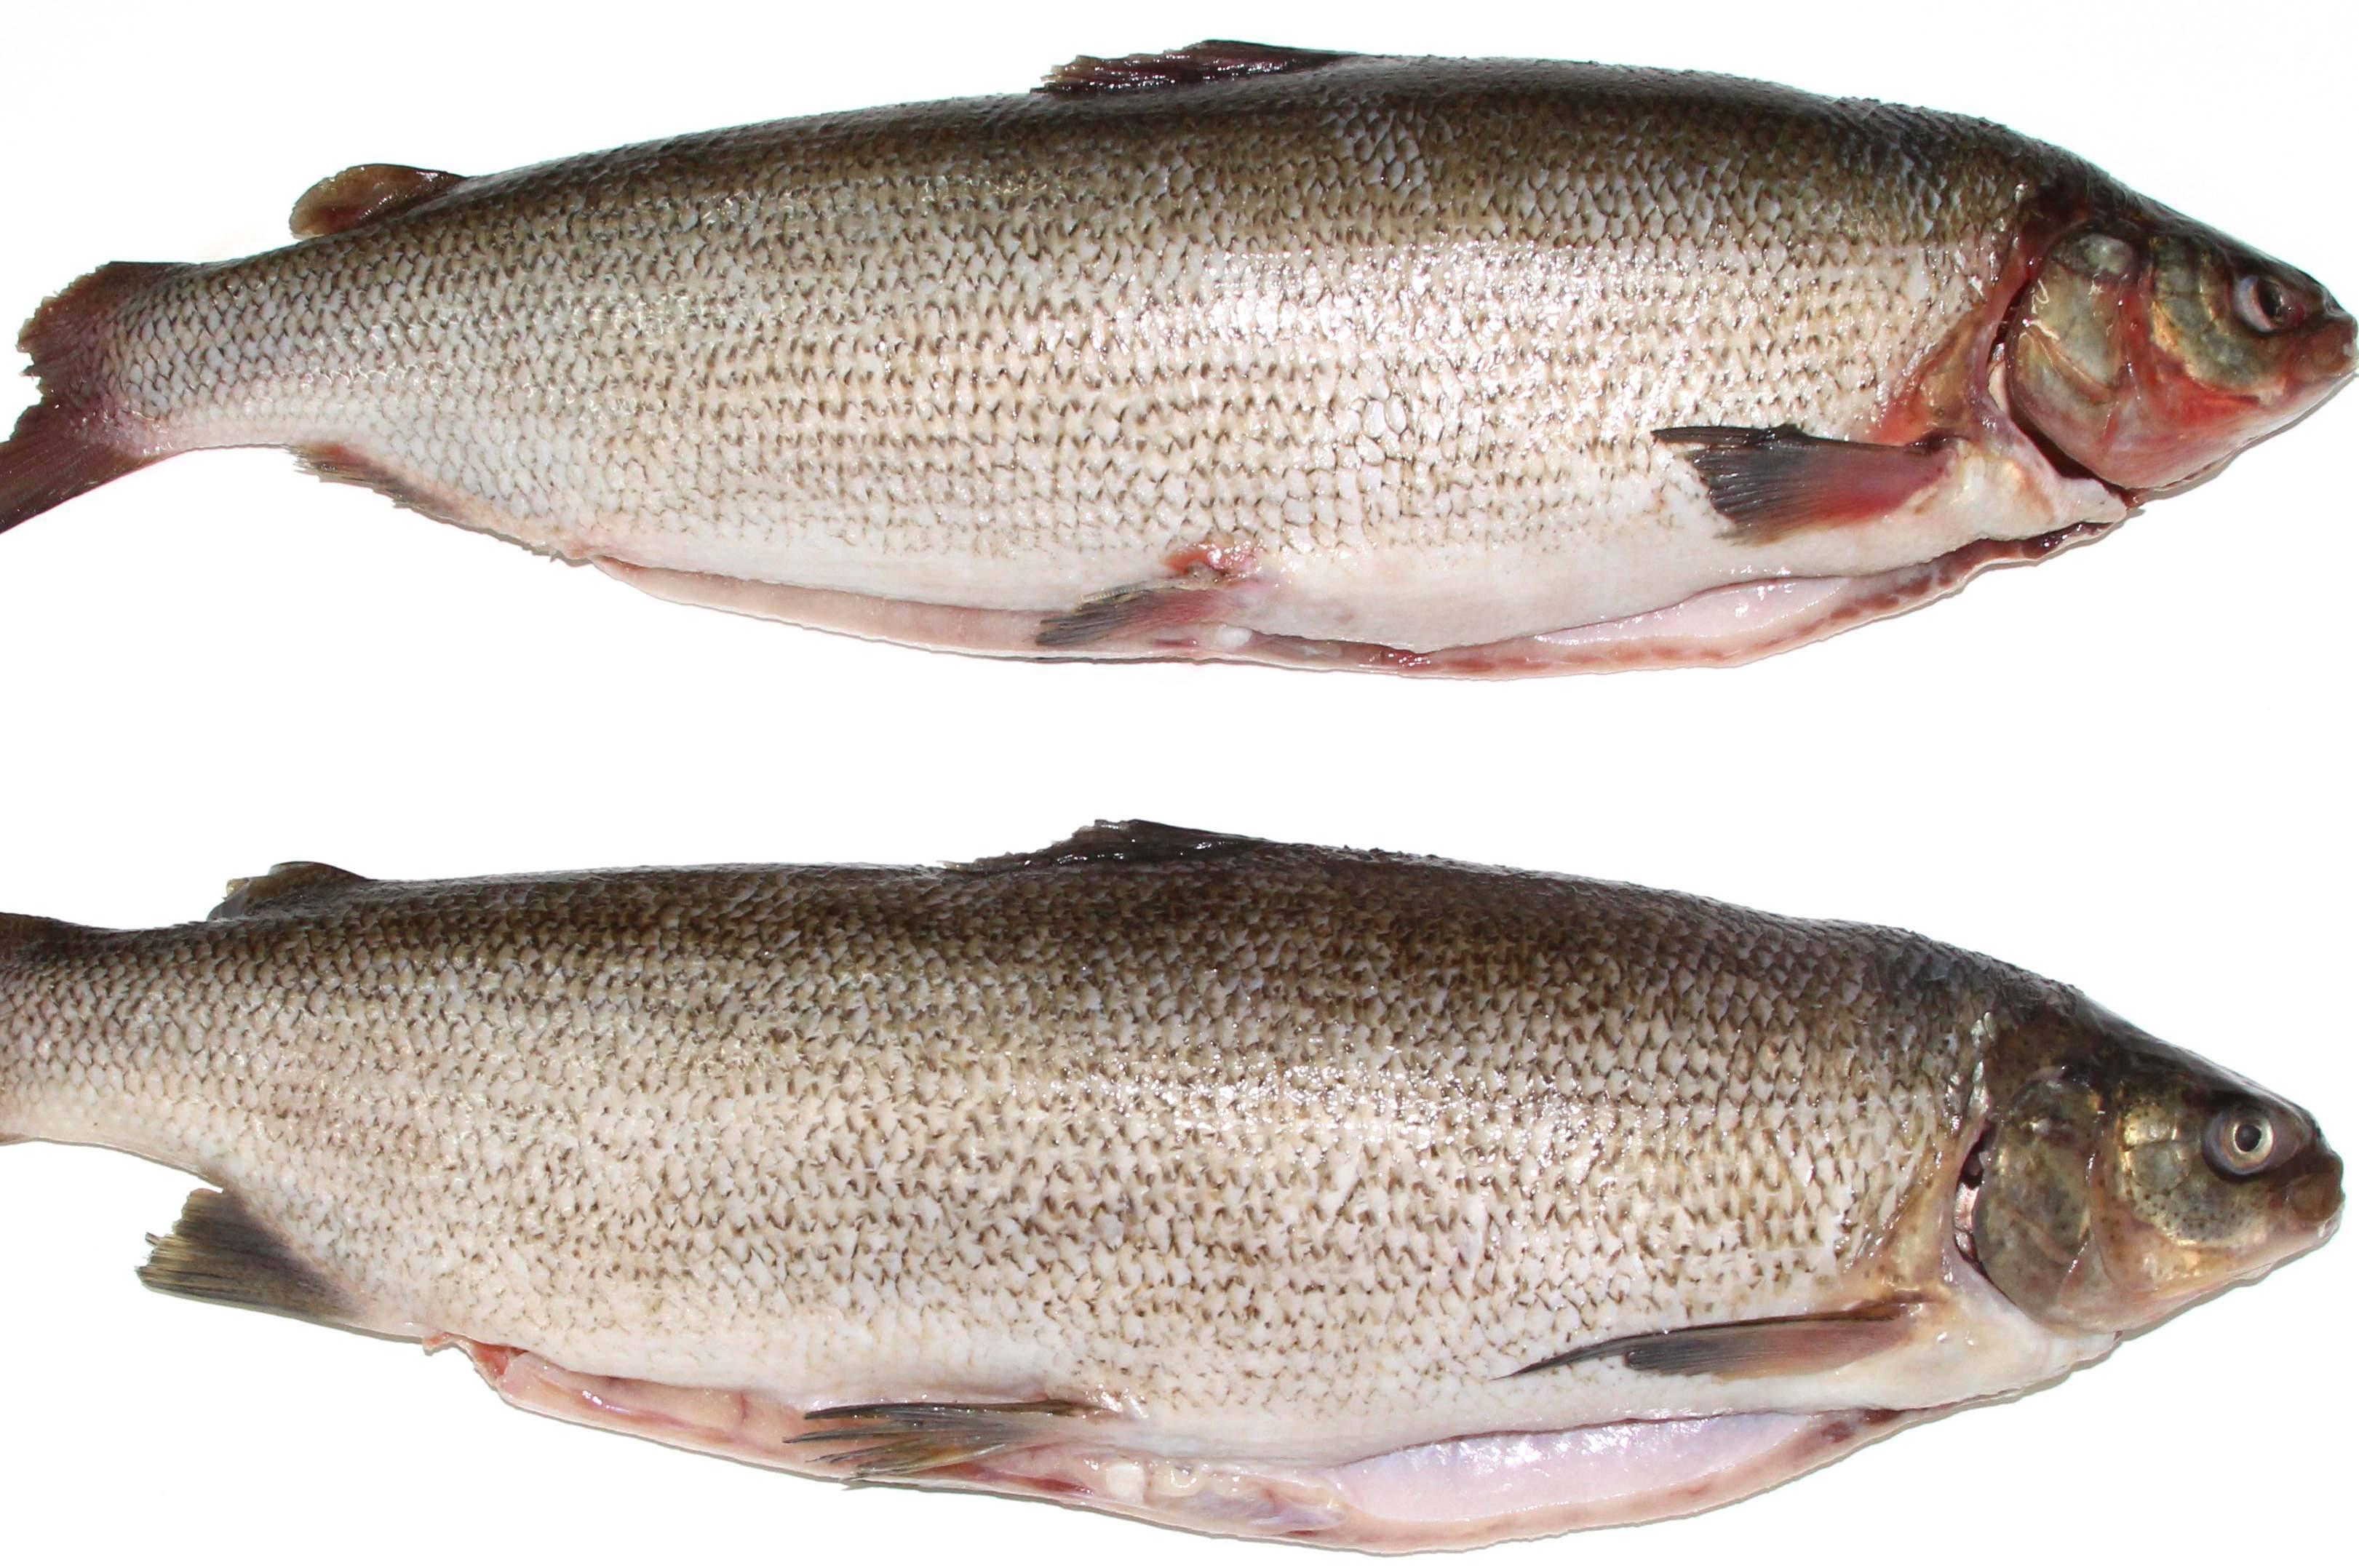 Рыба нельма: описание, фото, рацион, места обитания, способы ловли